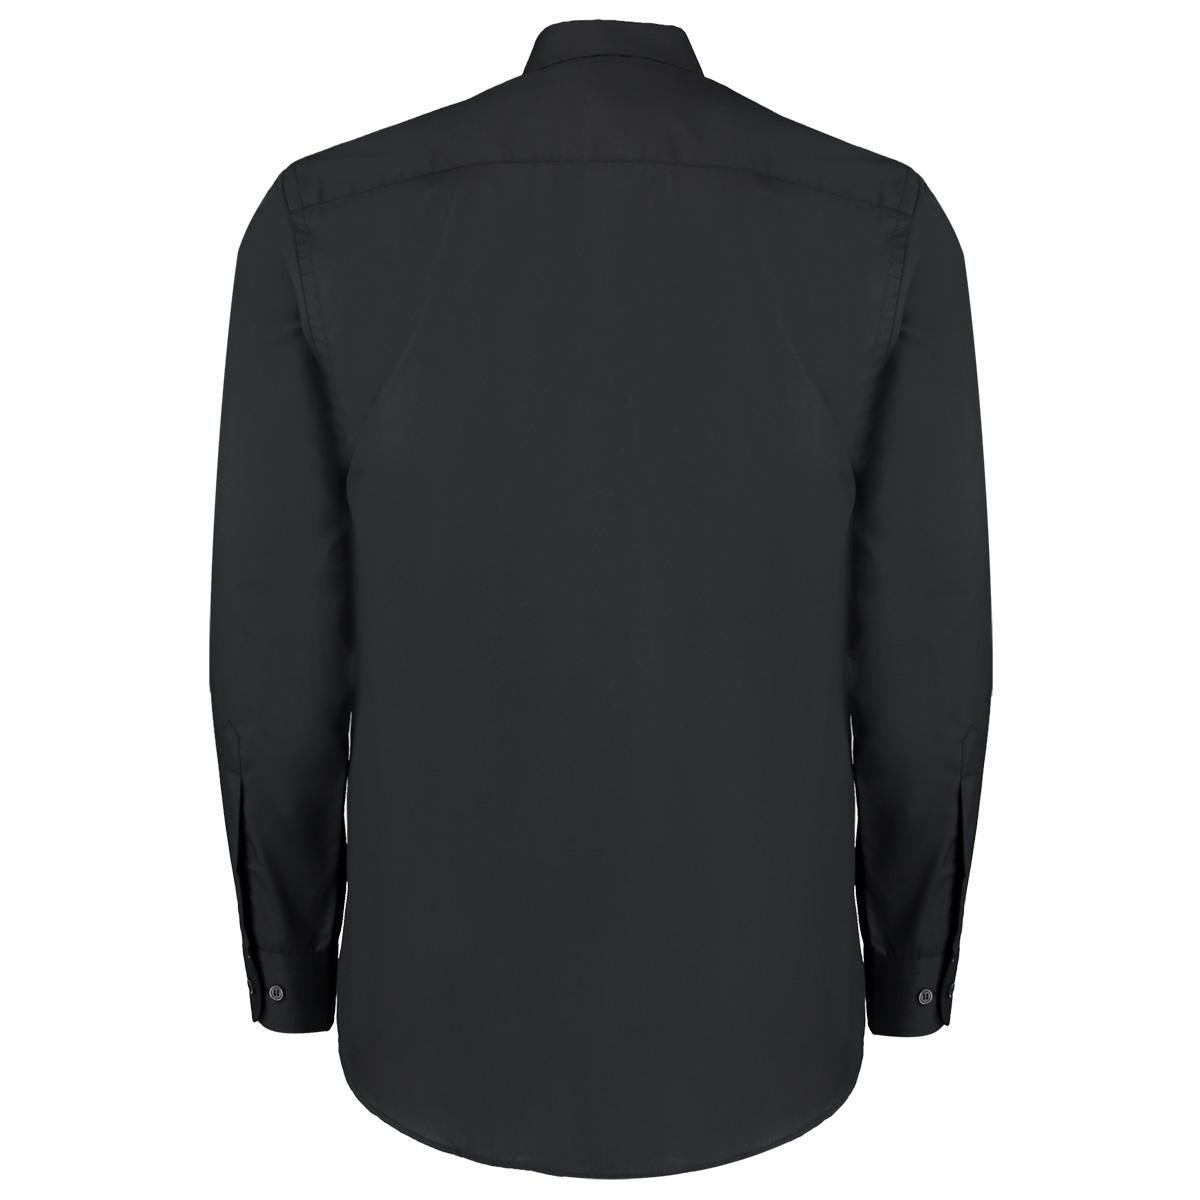 Kk104 Business Shirt Kustom Kit